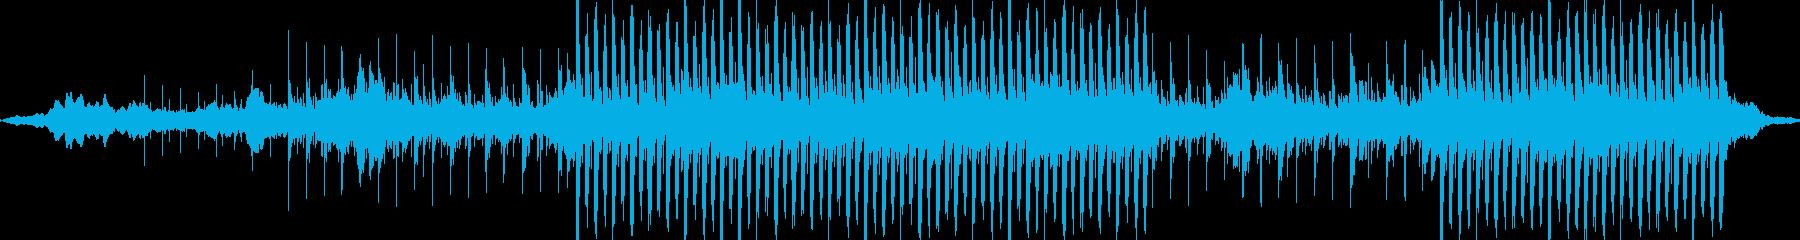 ワールド 民族 モダン テクノ ア...の再生済みの波形